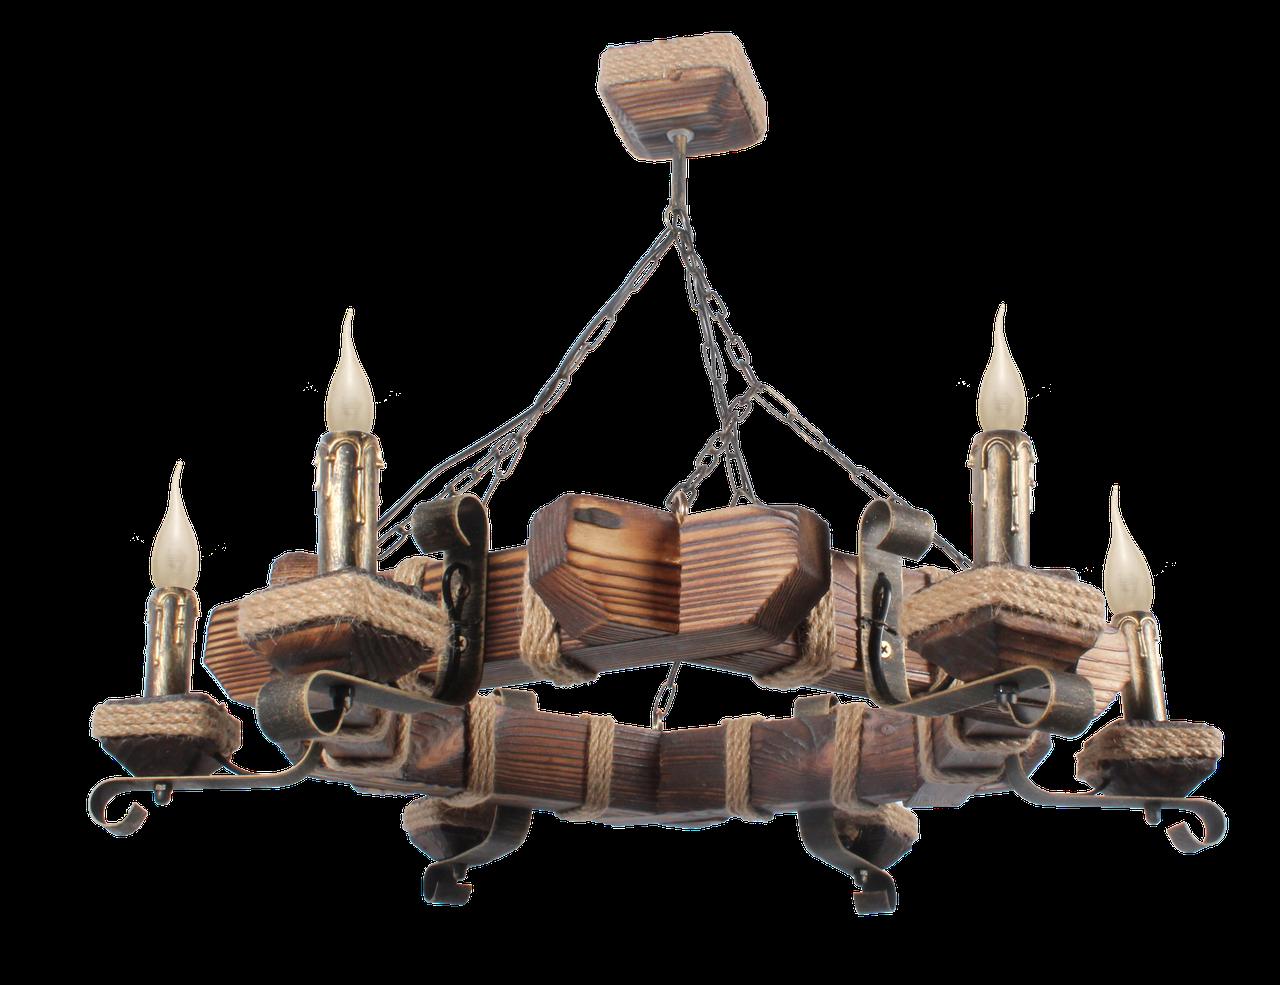 Шестигранная деревянная люстра на цепи на 6 свечей